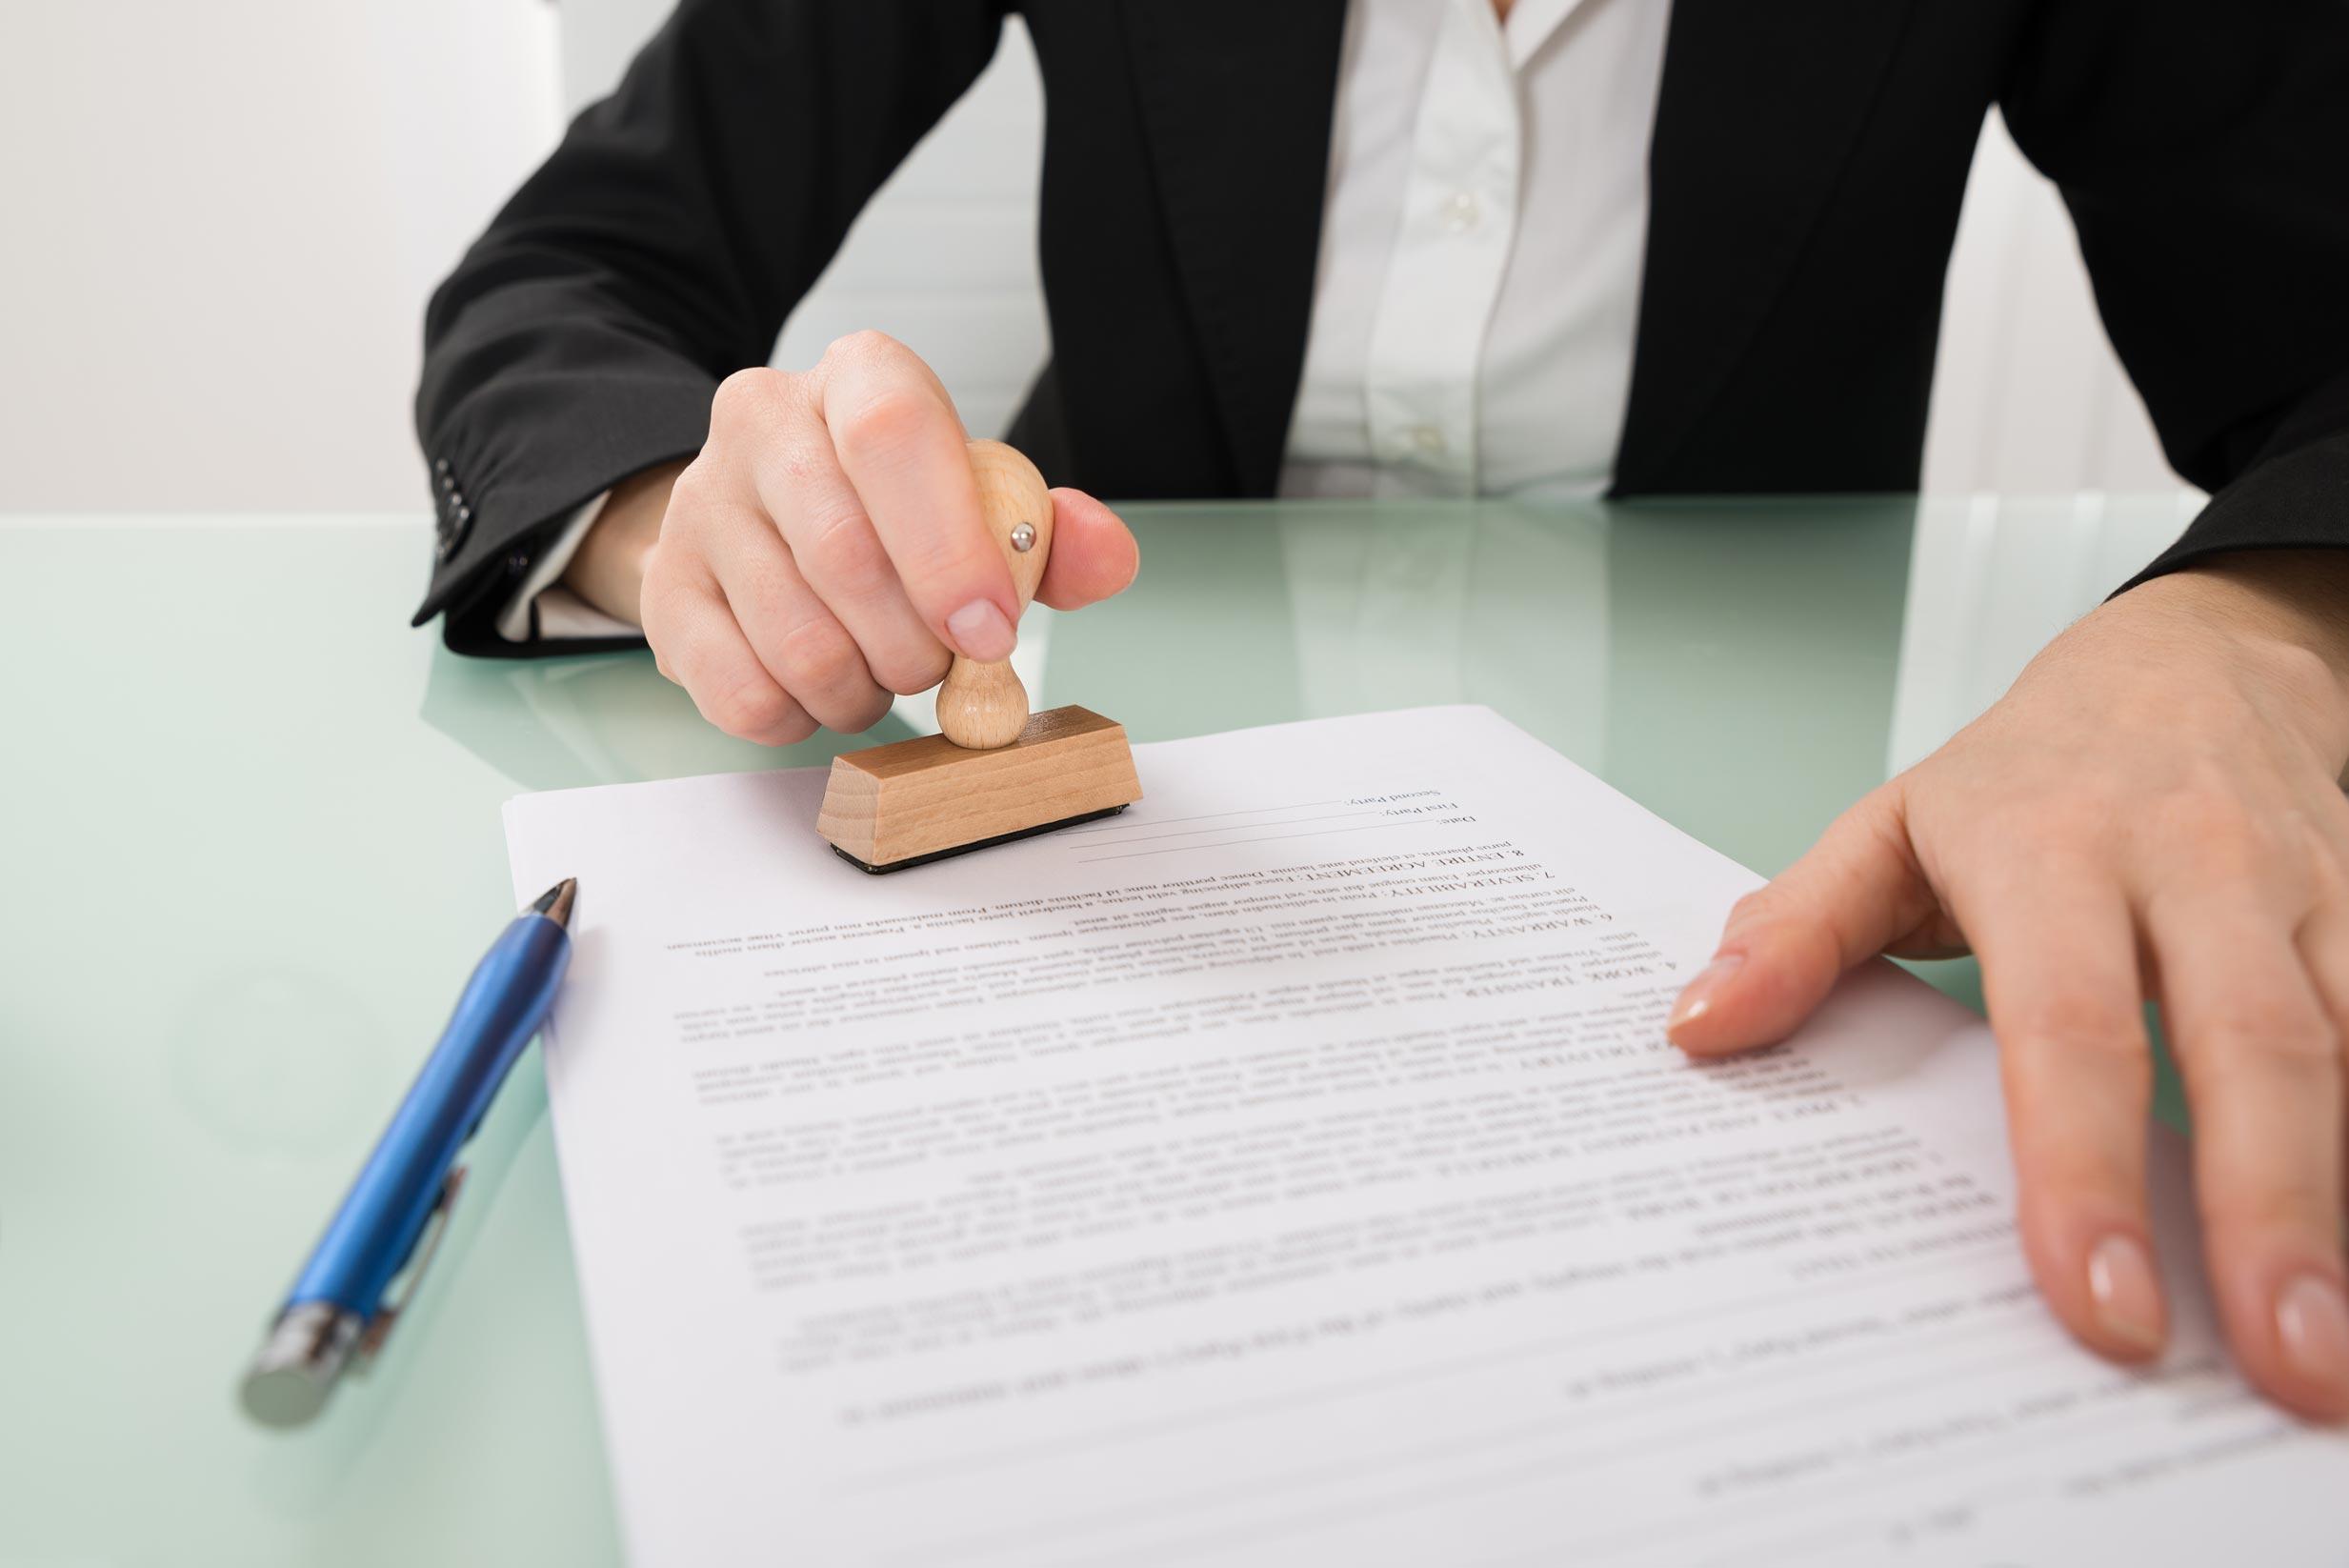 Requisitos legales y administrativos para crear una empresa